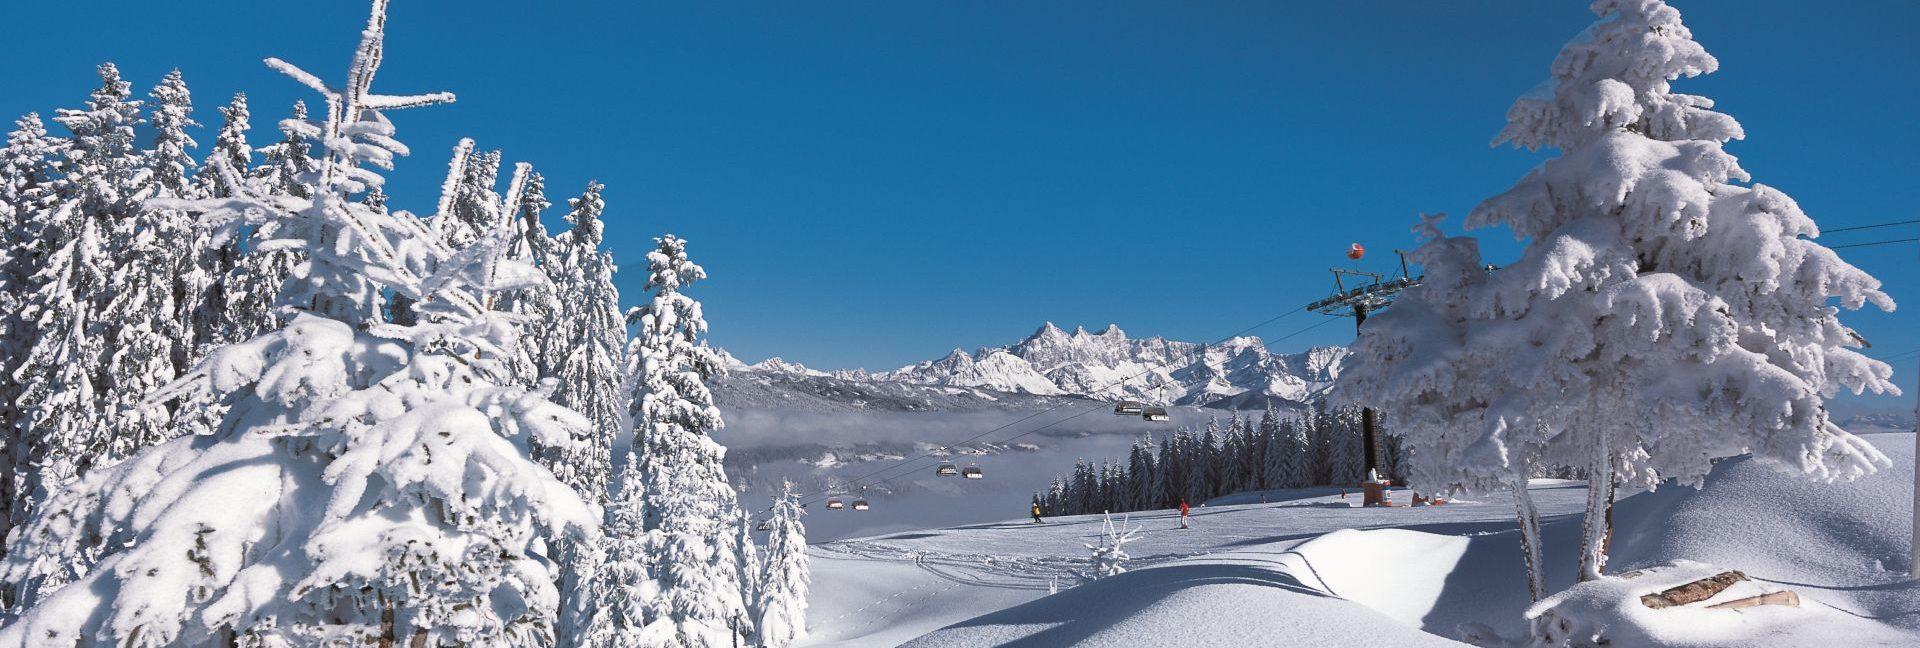 Der Stegerbräu bietet für den Winterurlaub in Radstadt zu gewissen Terminen tolle Winterpauschalen